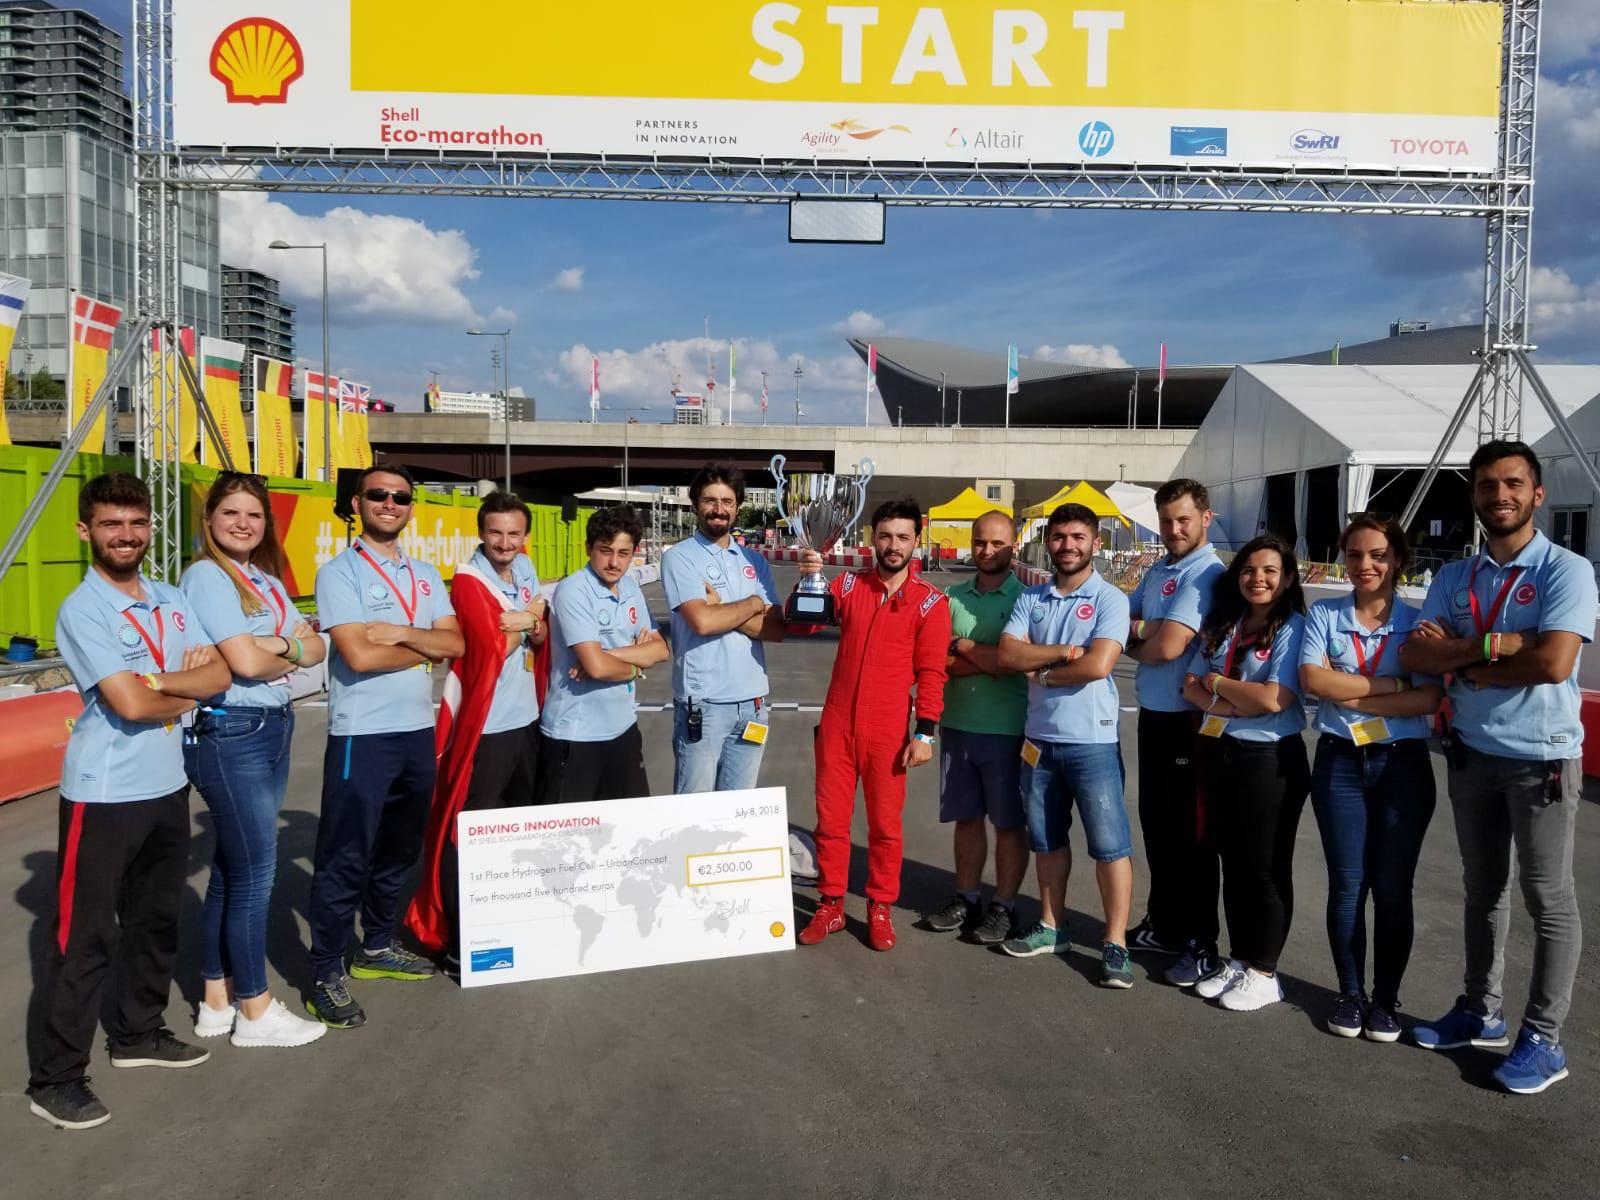 <p>UMAKİT, hidrojen enerjili otomobiller geliştiriyor. Son yıllarda uluslararası düzeydeki yarışlarda da yer alarak Türkiye'yi temsil etmeye başladı.</p>  <p>En uzun mesafede en az enerjiyle yol kat etme temeline dayalı Shell Eco-Marathon Avrupa, Temmuz ayında Londra'da düzenlendi. Türkiye takımı kendi alanında 11 rakibi ile yarışarak Avrupa birinciliğini göğüsleyen ilk Türk takımı olarak tarihe geçti. Yerli hidrojen enerjili aracıyla 1 metreküp hidrojen gazıyla 182.6 kilometre gitme başarısı göstererek en verimli araç olmayı başardı.</p>  <p>Yaklaşık bir yıldır 13 kişilik ekiple yoğun bir tempoda çalışan UMAKİT öğrencileri Barbaros isimli araçları için harcadıkları emeğin karşılığını almış oldu.</p>  <p>UMAKİT, İstanbul'da; Shell Eco-Marathon Türkiye ve Kocaeli'nde düzenlenecek olan TUBİTAK Efficiency Challenge yarışlarında da enerji tasarruflu araçlarıyla katılım gösterecek.</p>